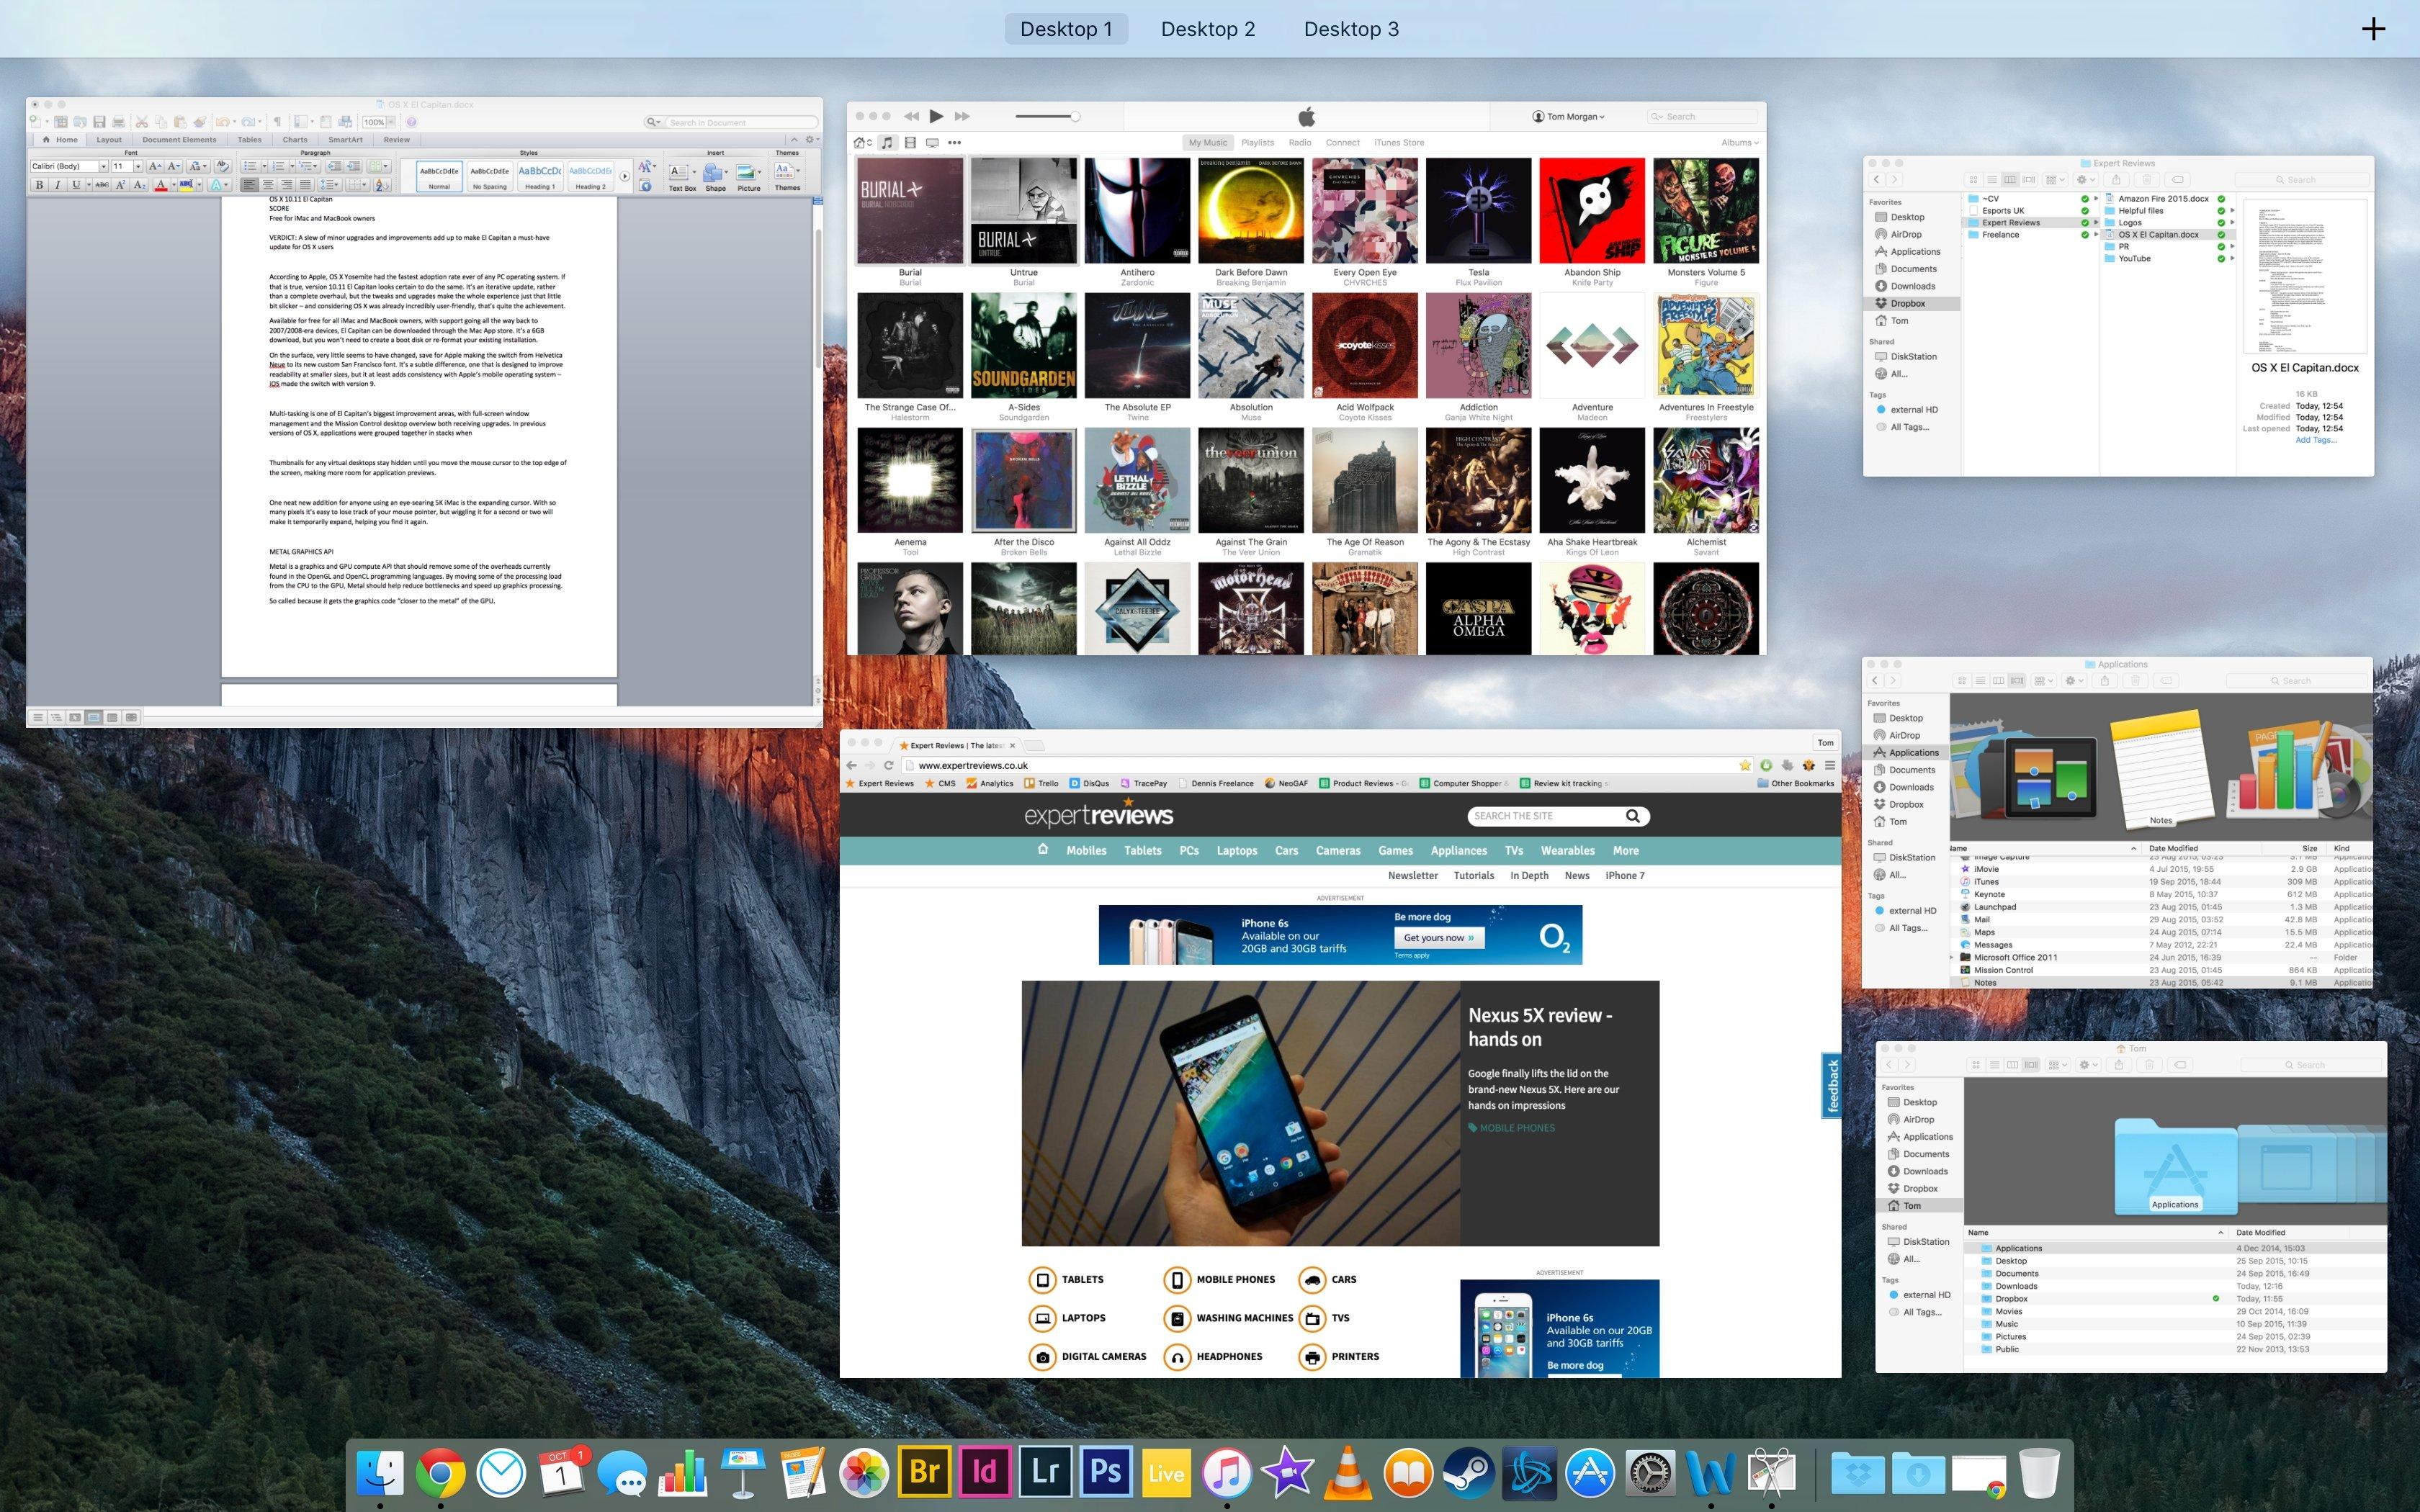 Microsoft word for mac os x el capitan 10.11.6